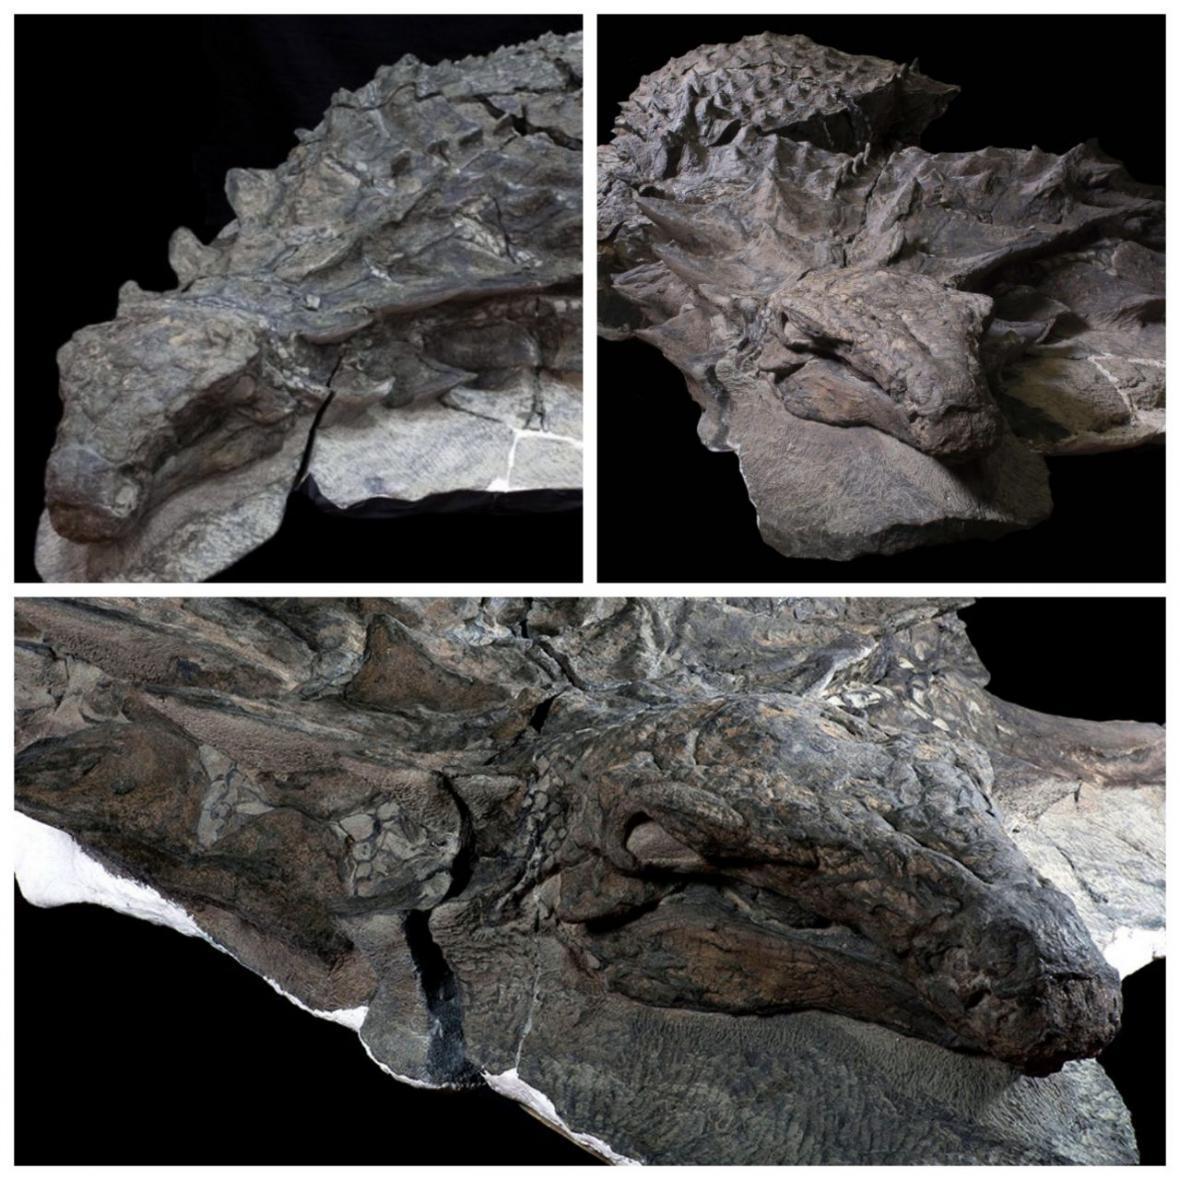 فسیل تقریباً سالمی از یک دایناسور در کانادا کشف شد